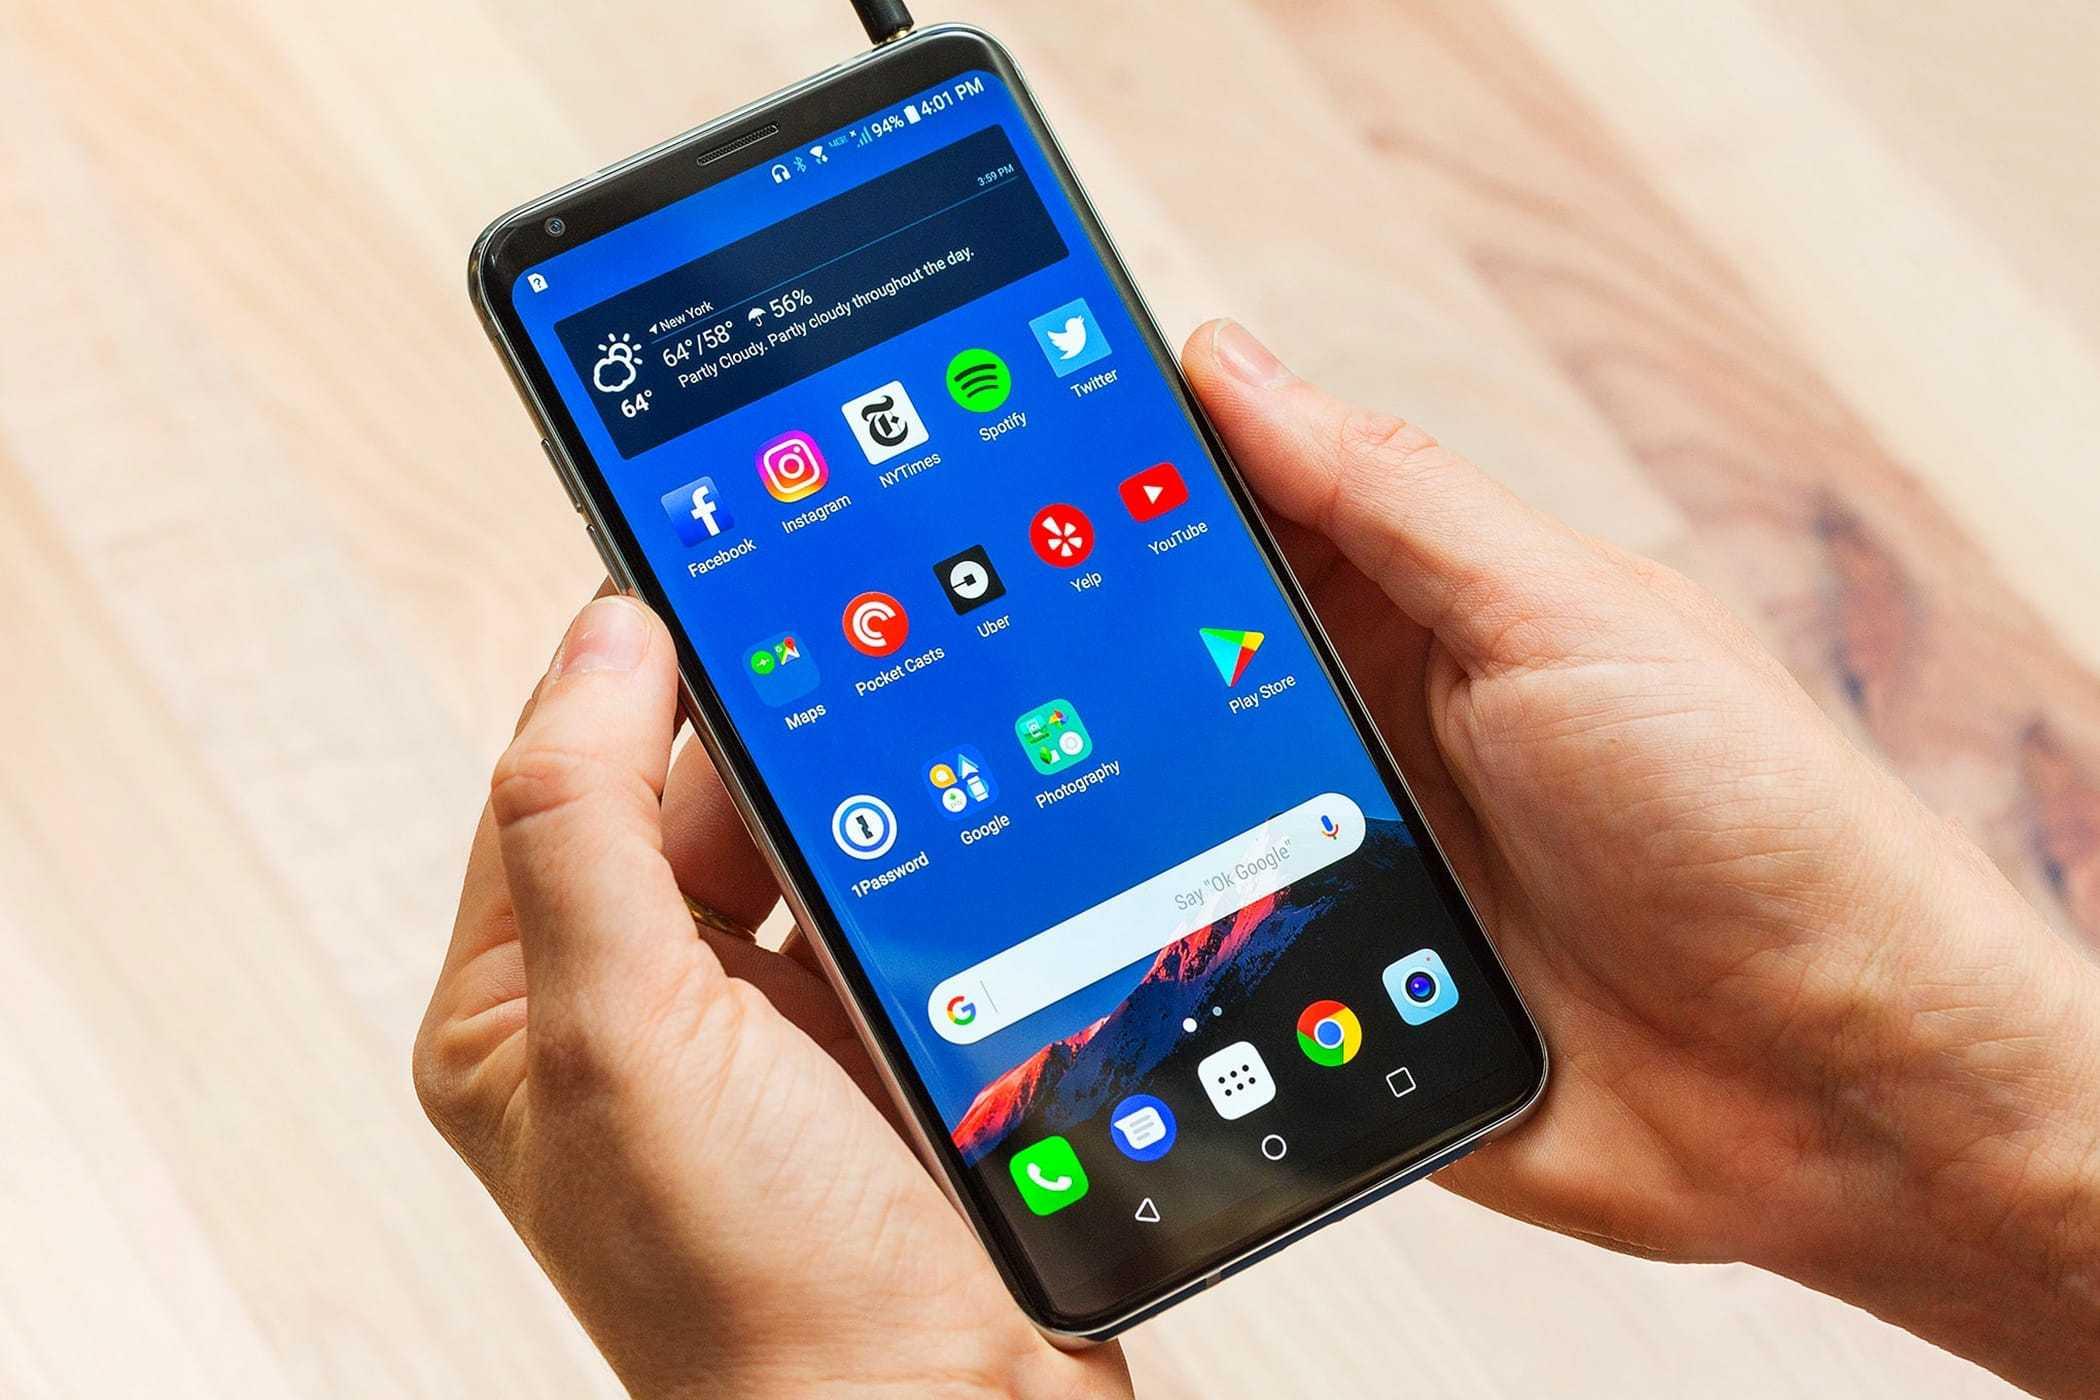 Полный обзор смартфона vivo z6 с основными преимуществами и недостатками